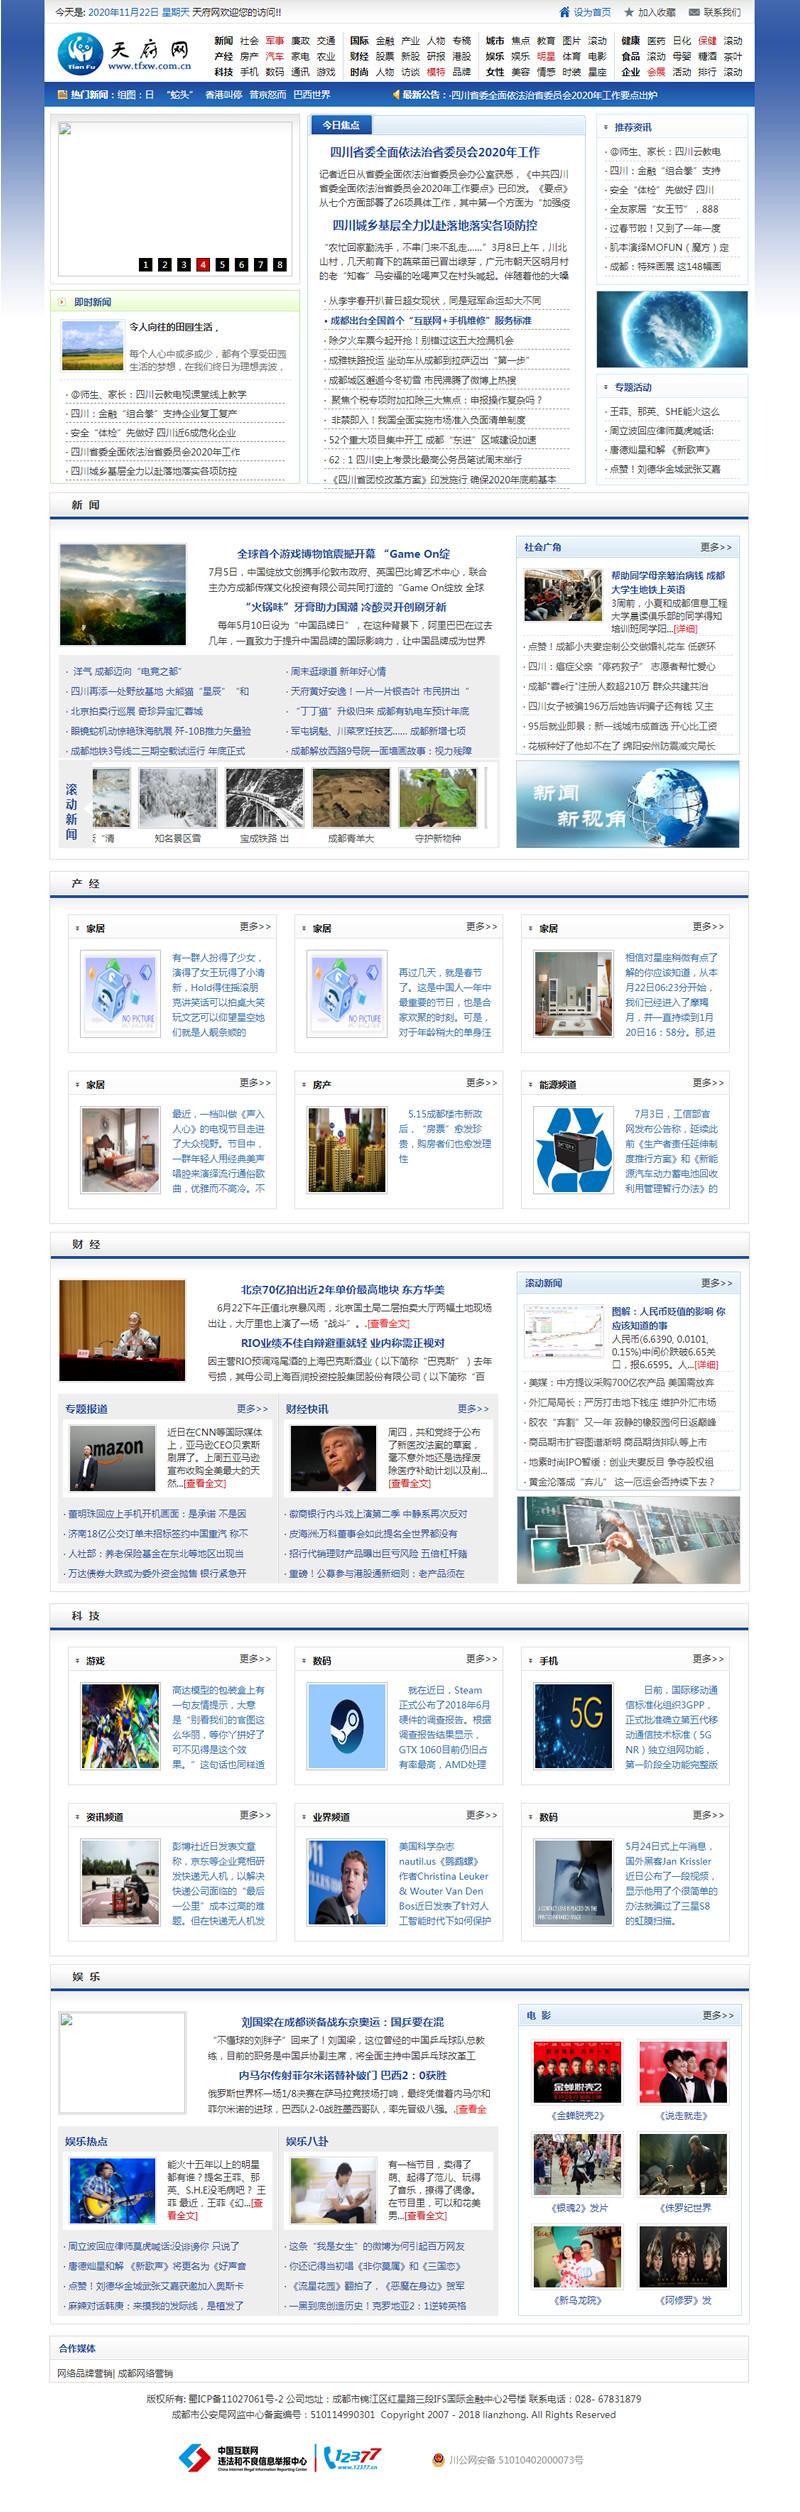 新闻资讯门户网站整站源码 帝国cms内核 第1张